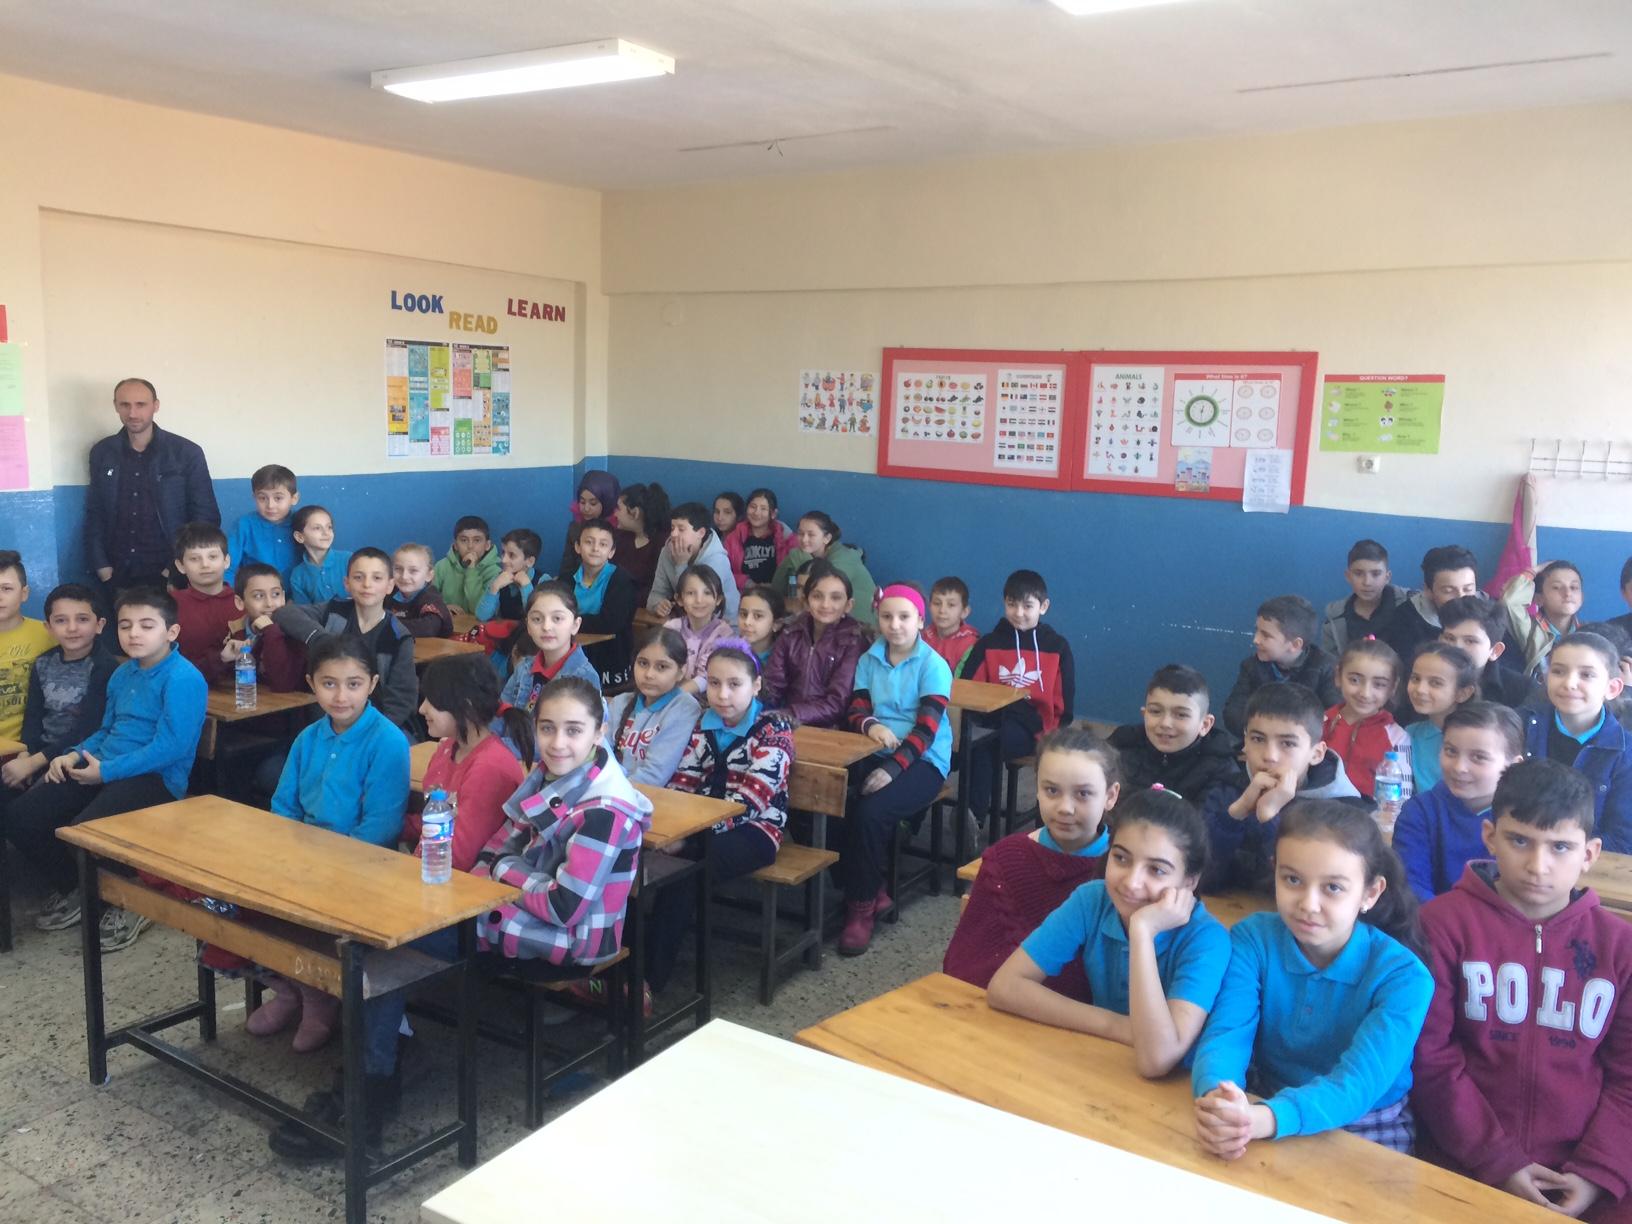 Kıranpazarı İlkokulu ve Ortaokulu'nda Sıfır Atık Konulu Eğitim Verildi